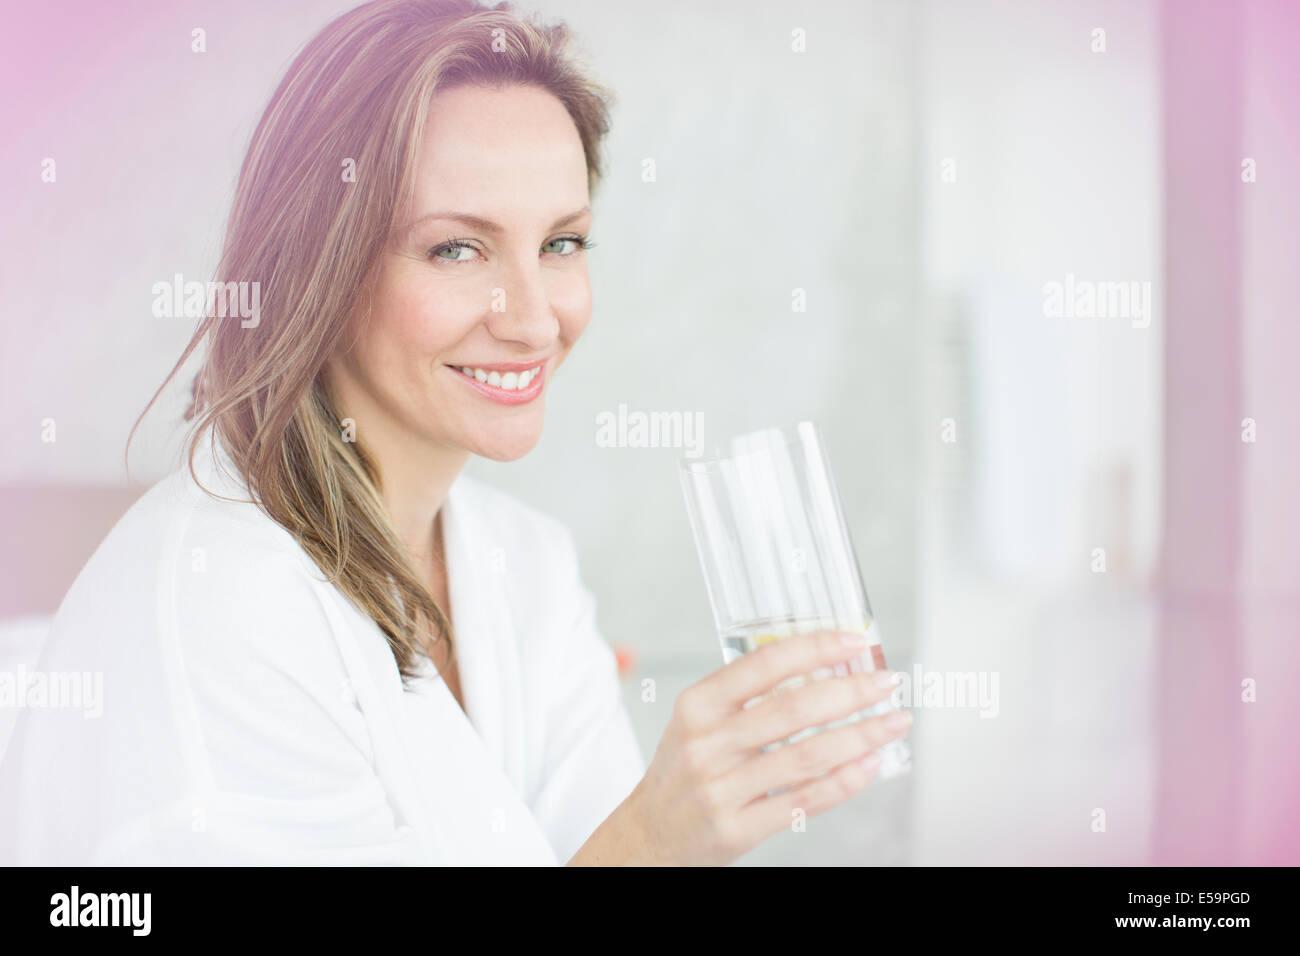 Donna con un bicchiere di acqua in camera da letto Immagini Stock